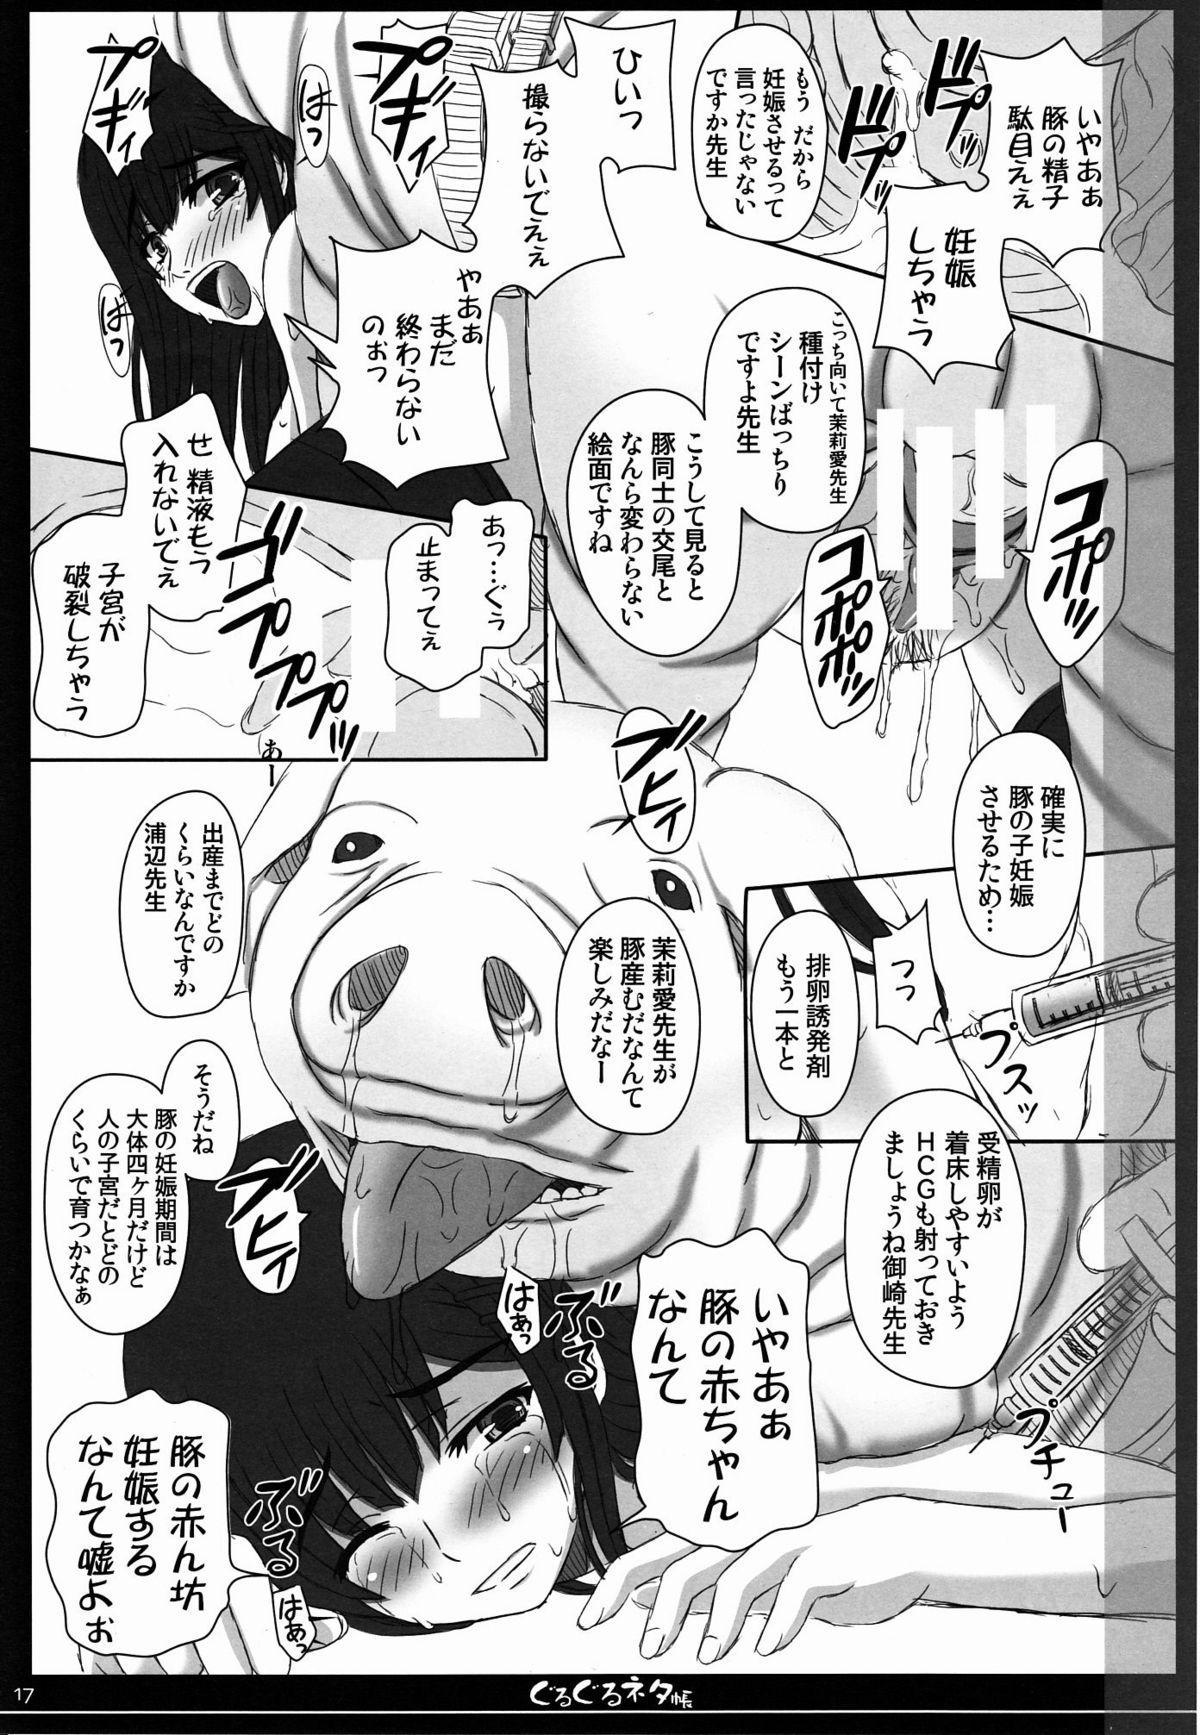 Shiawase no Katachi no Guruguru Netachou 80 17